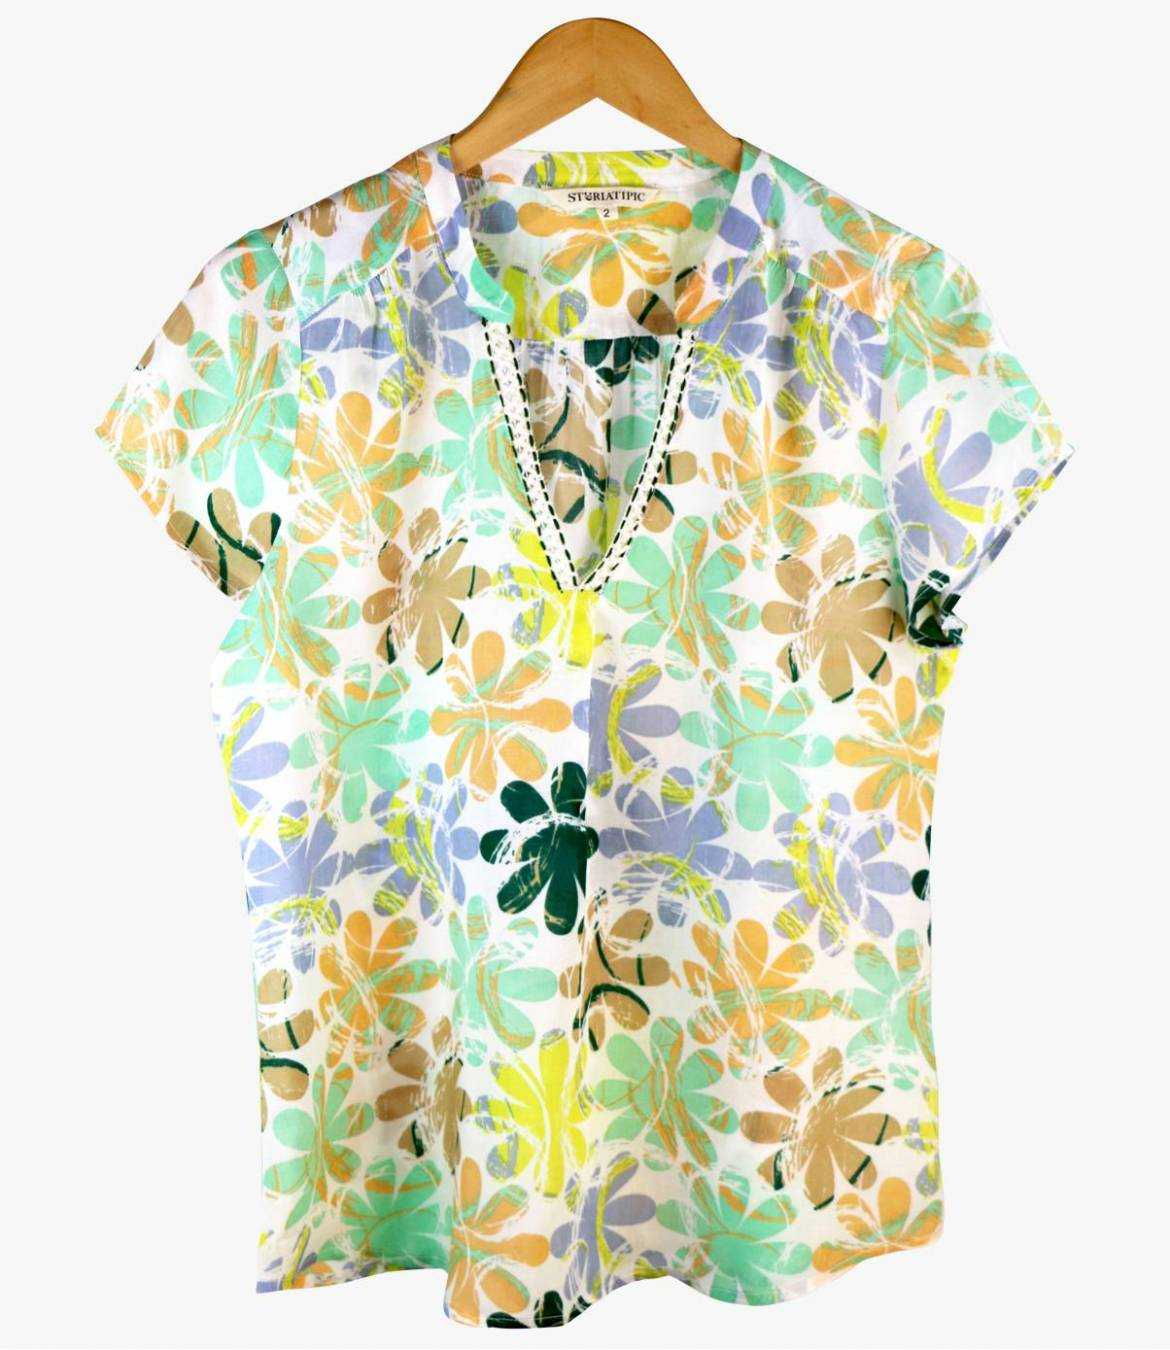 ZOE ELLY T-shirt en Modal pour Femme Storiatipic - 4